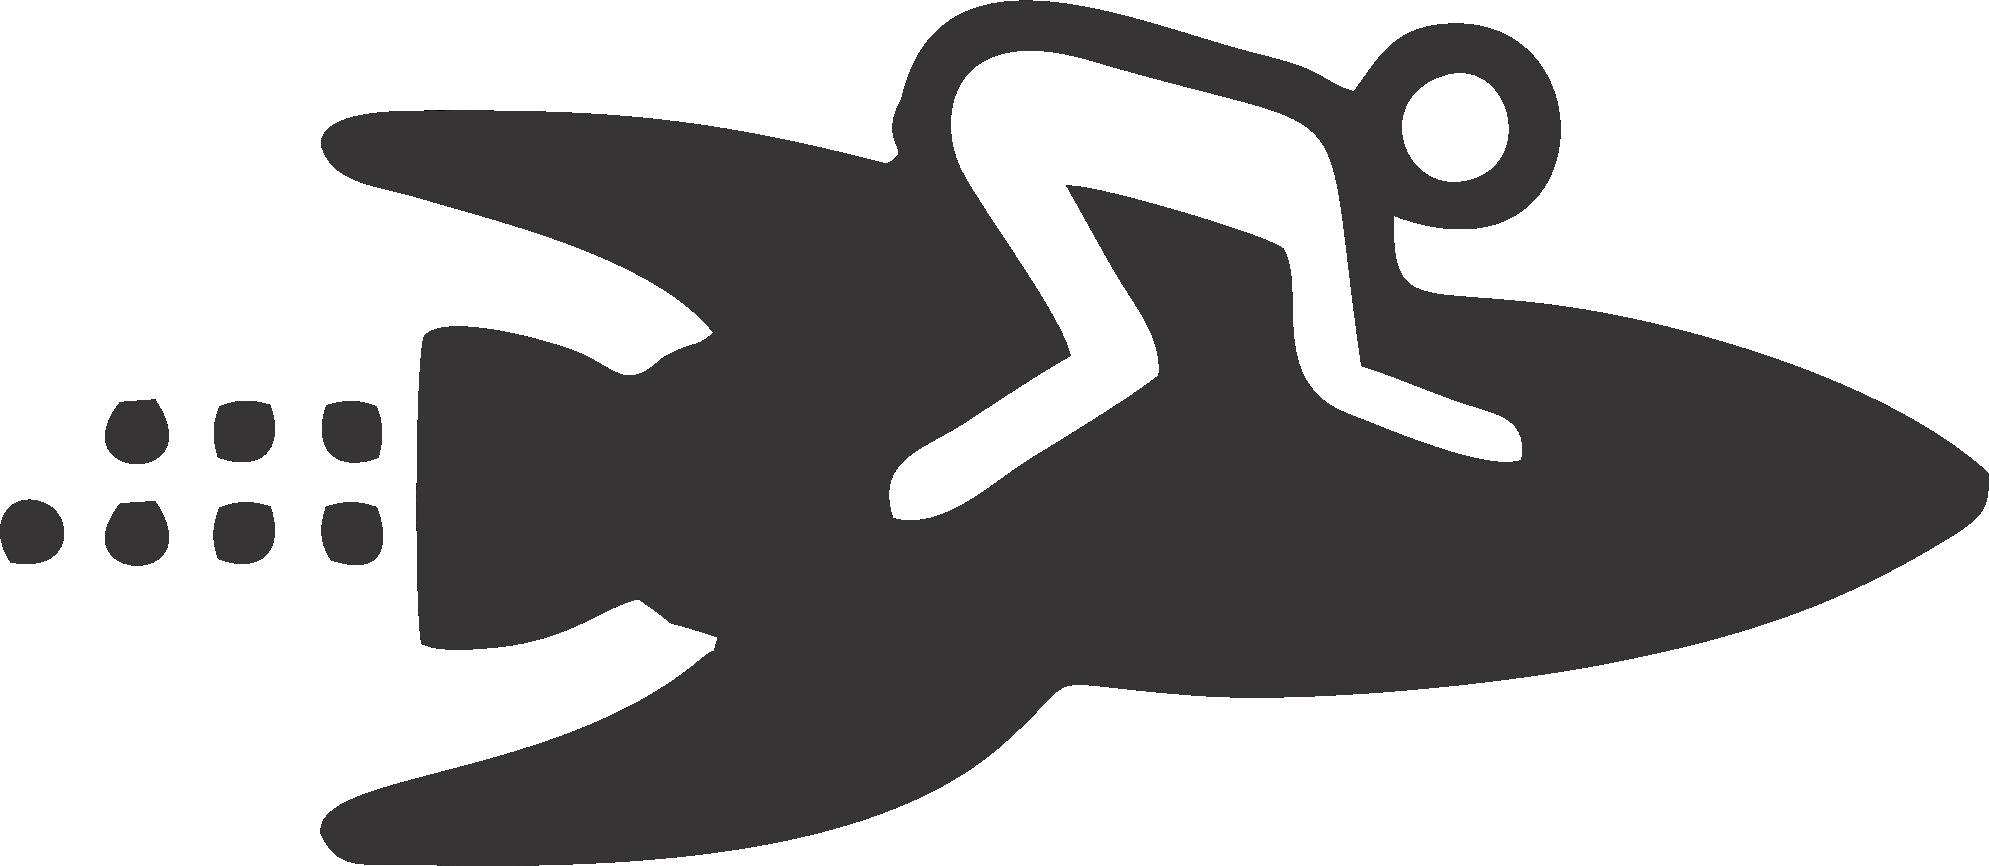 RYB - Acceleration icon